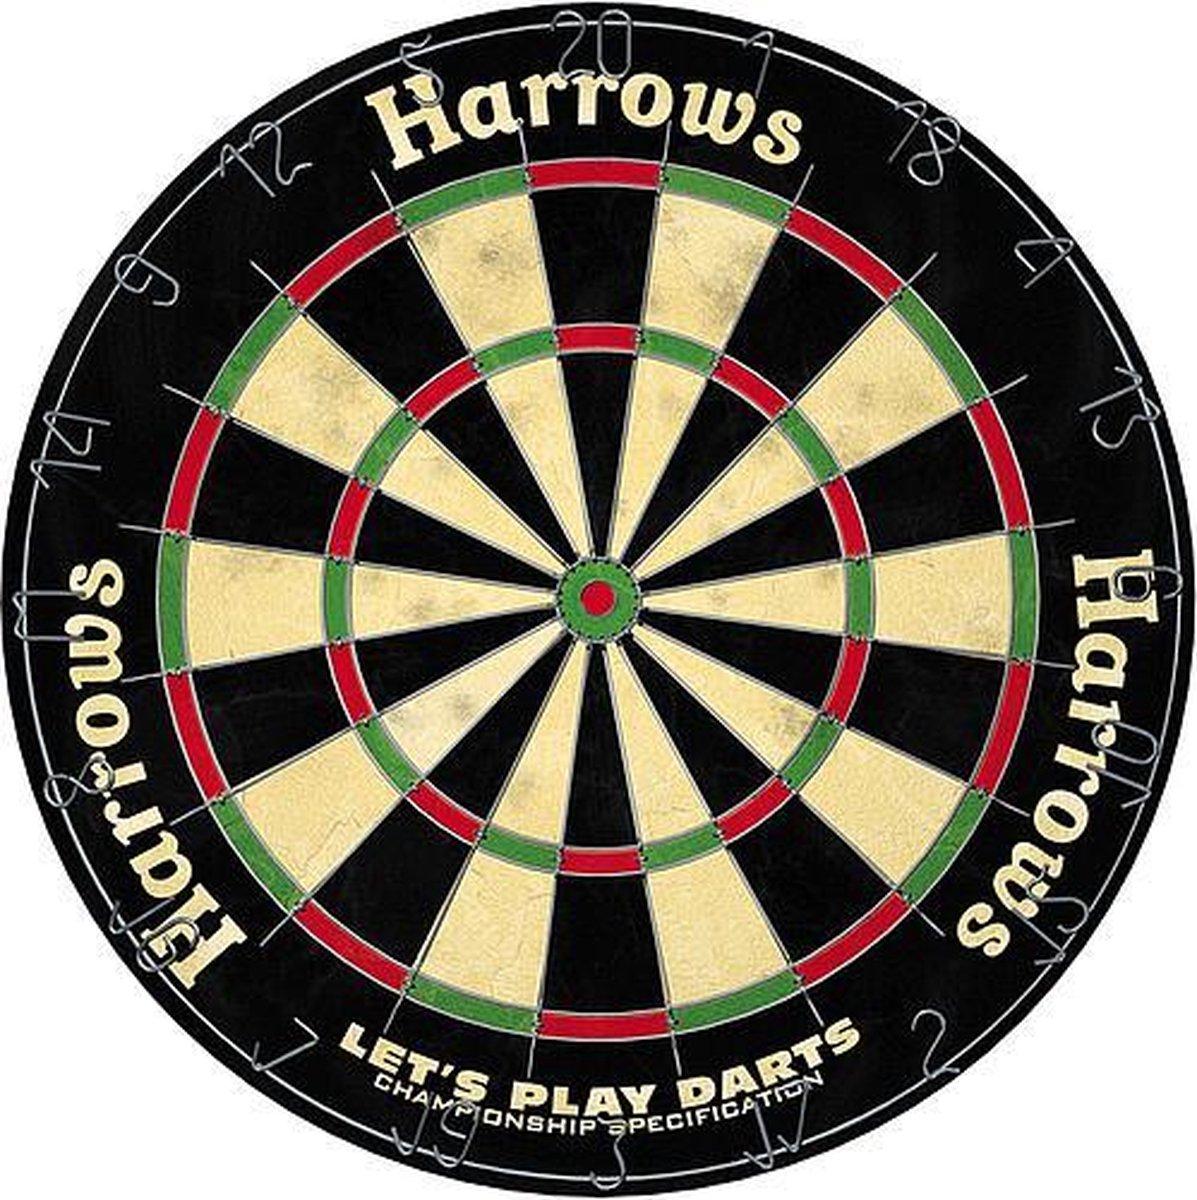 Harrows Dartset Dartbord met Dartpijlen - Sisal/Staal 7-Delig